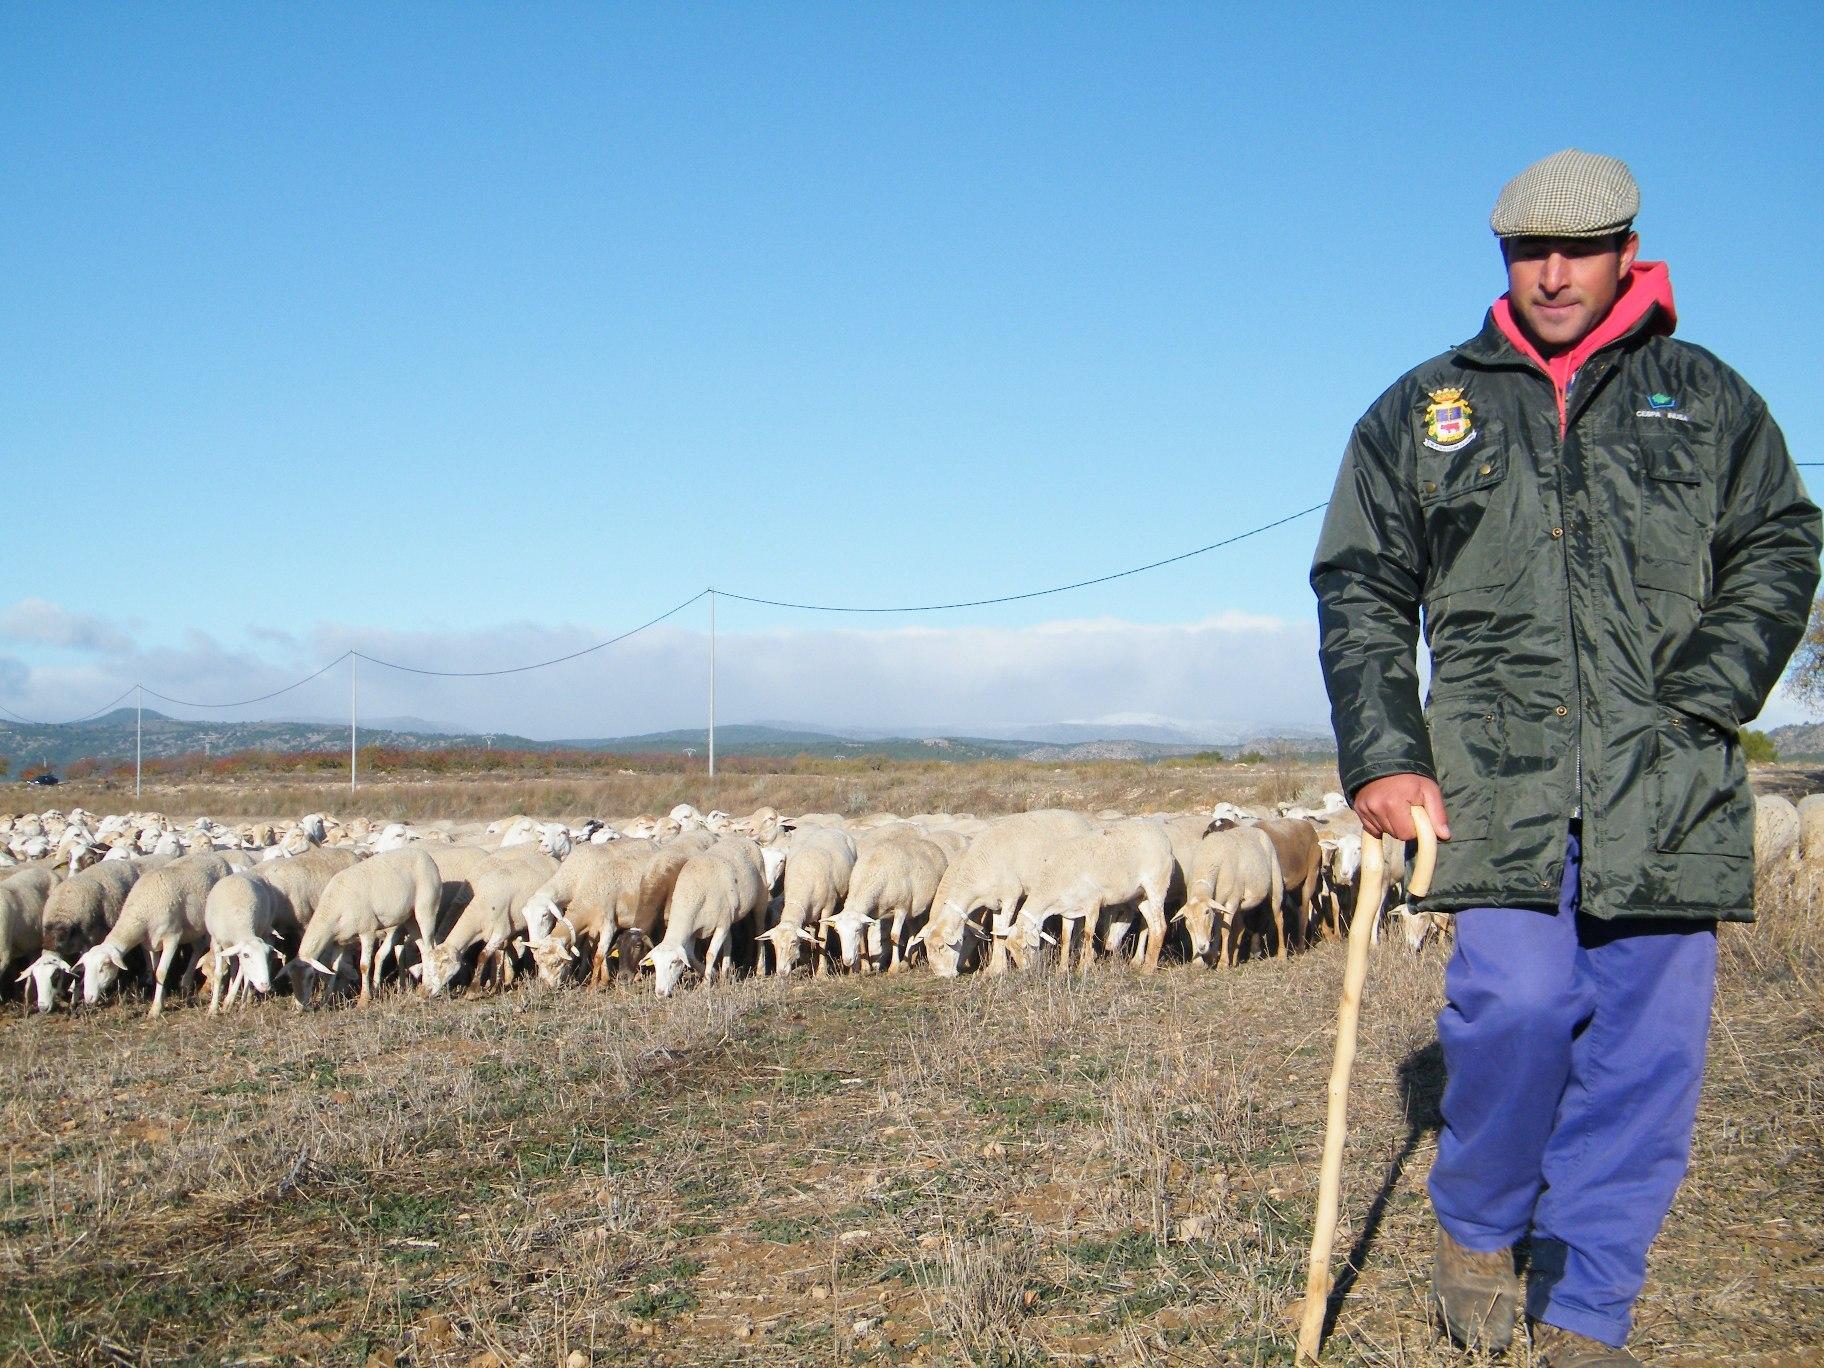 La ganadería y la transhumancia en Caravaca